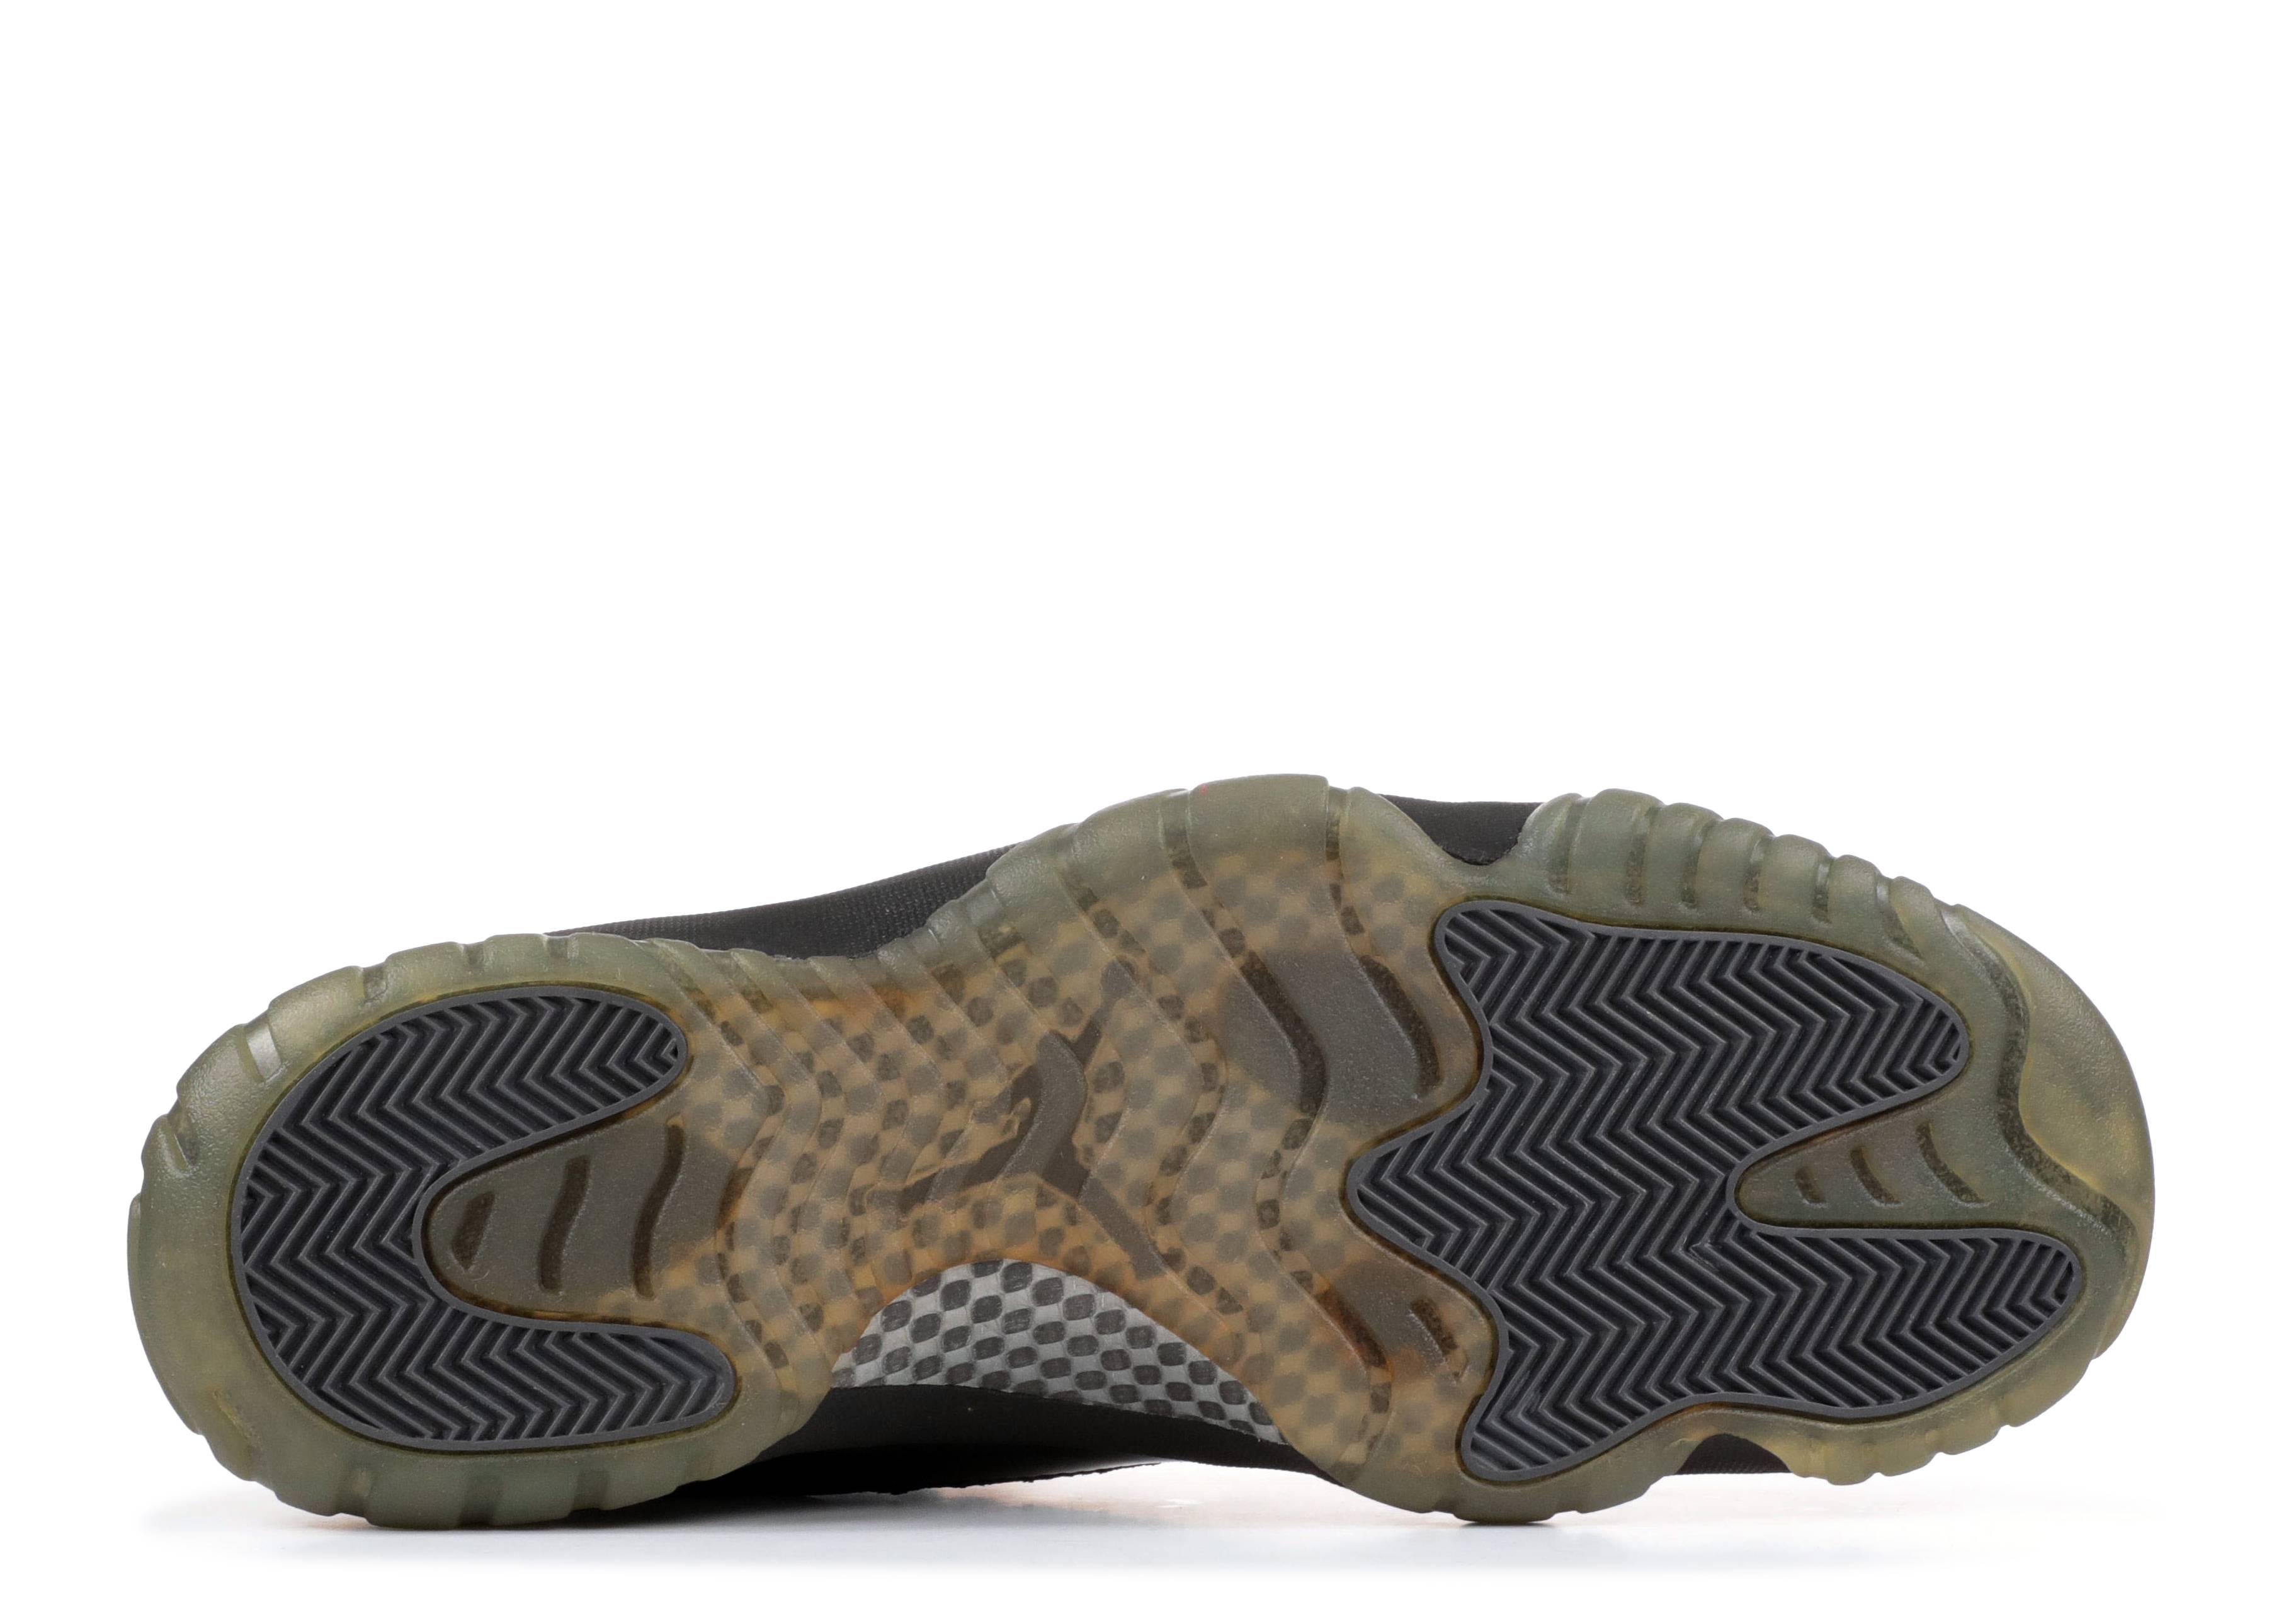 Air Jordan 11 Sample